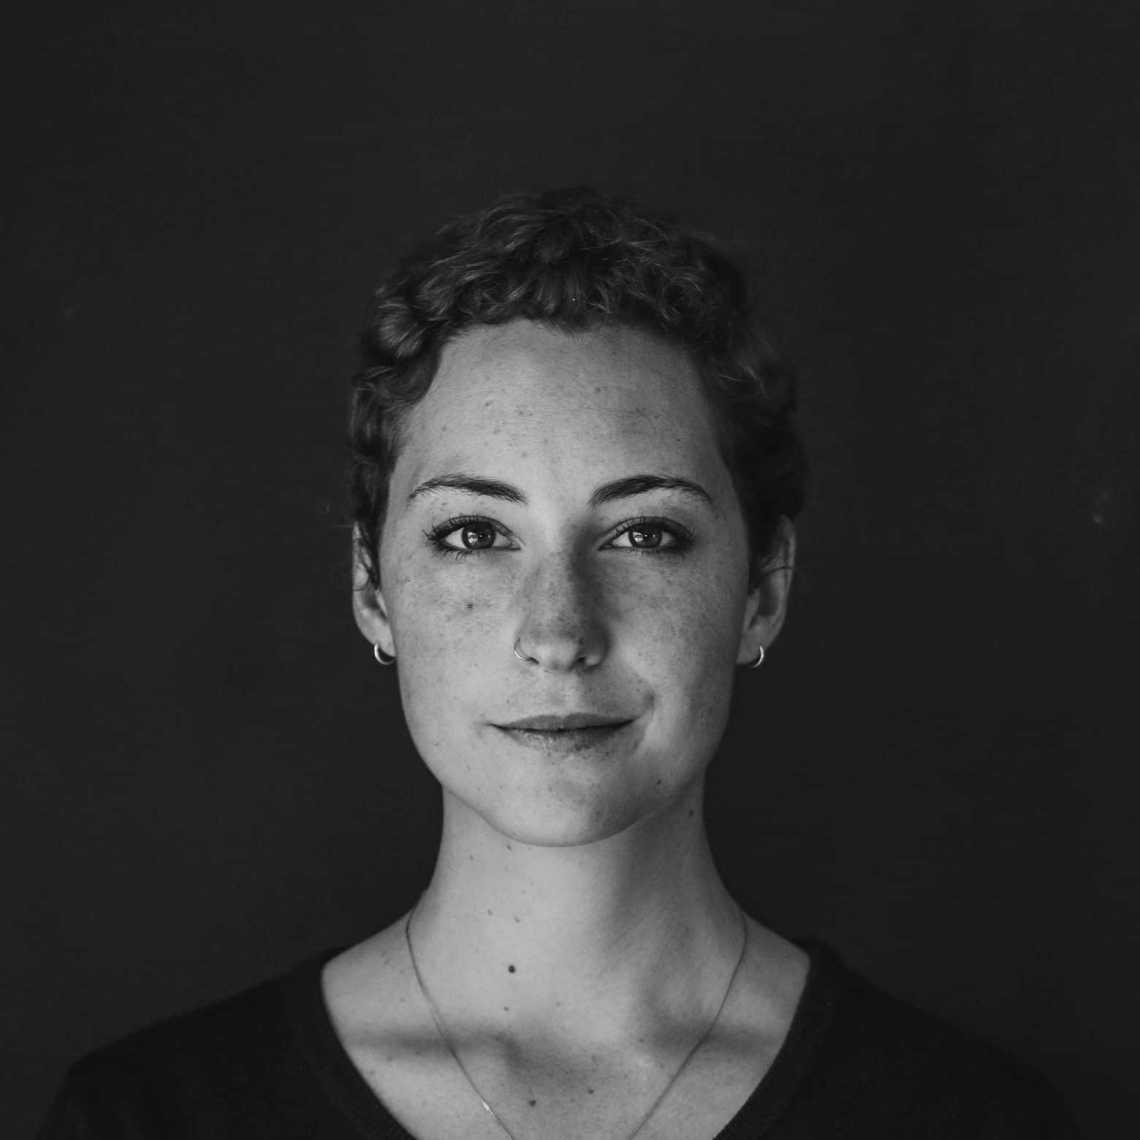 Rachel Pfuetzner